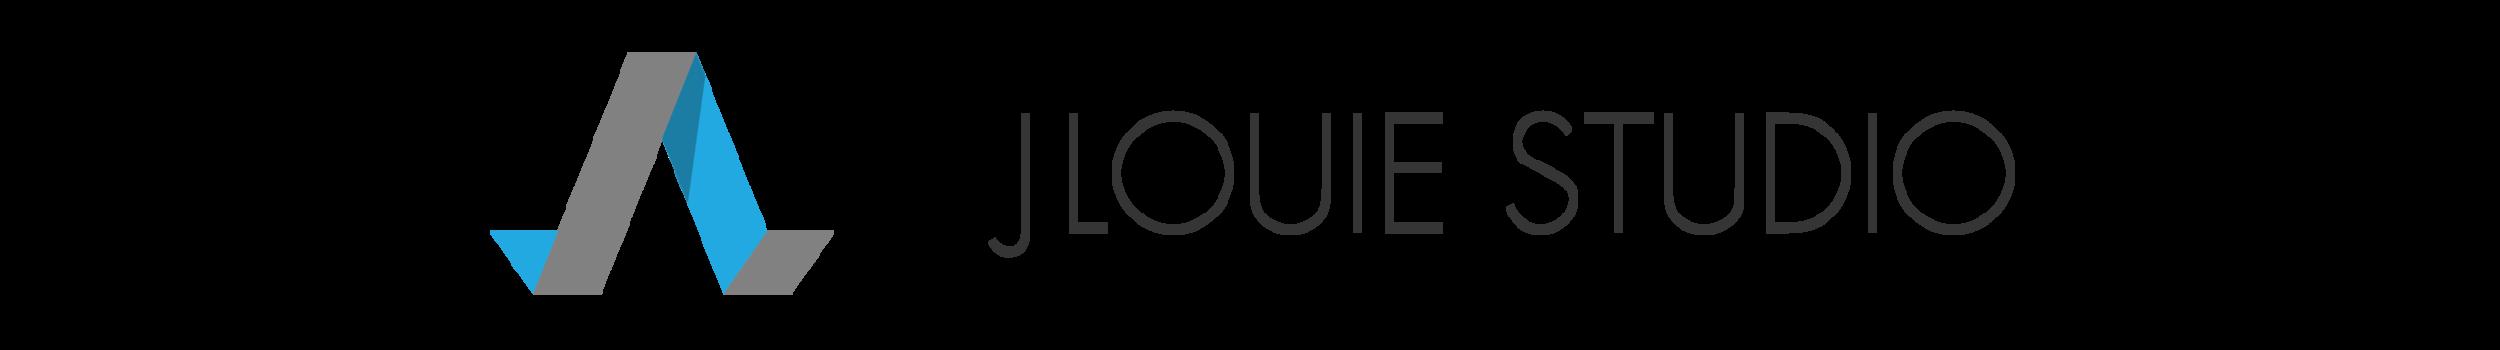 JLouieStudios05.png